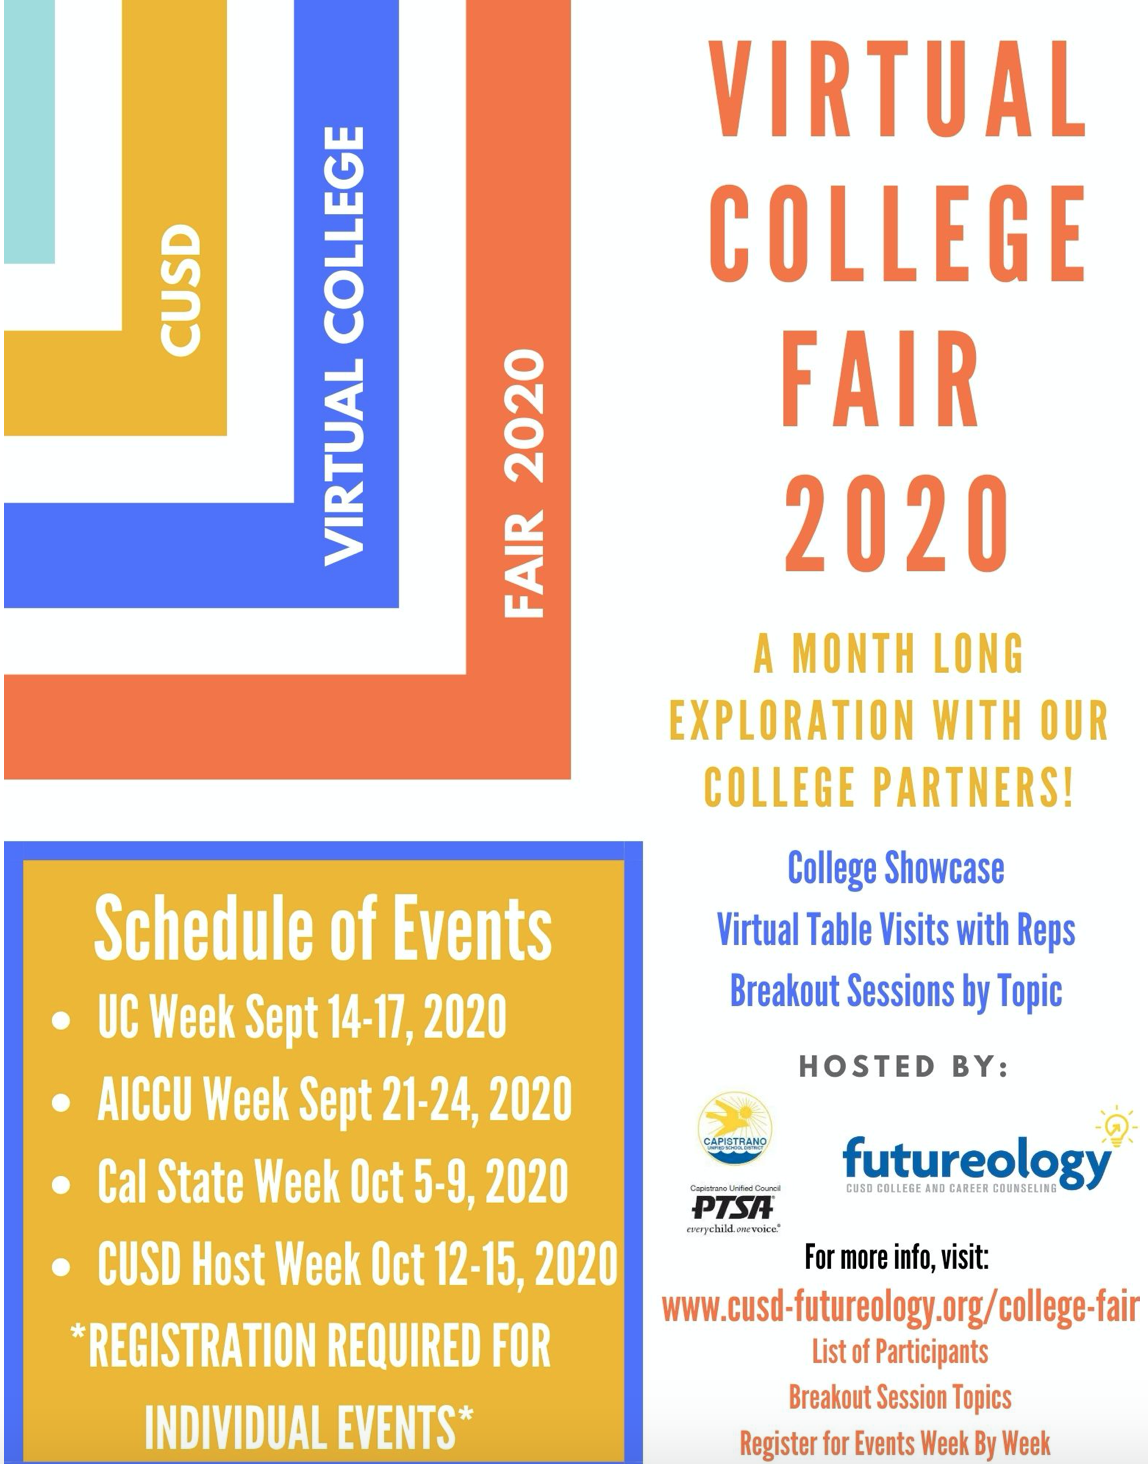 Virtual College Fair 2020